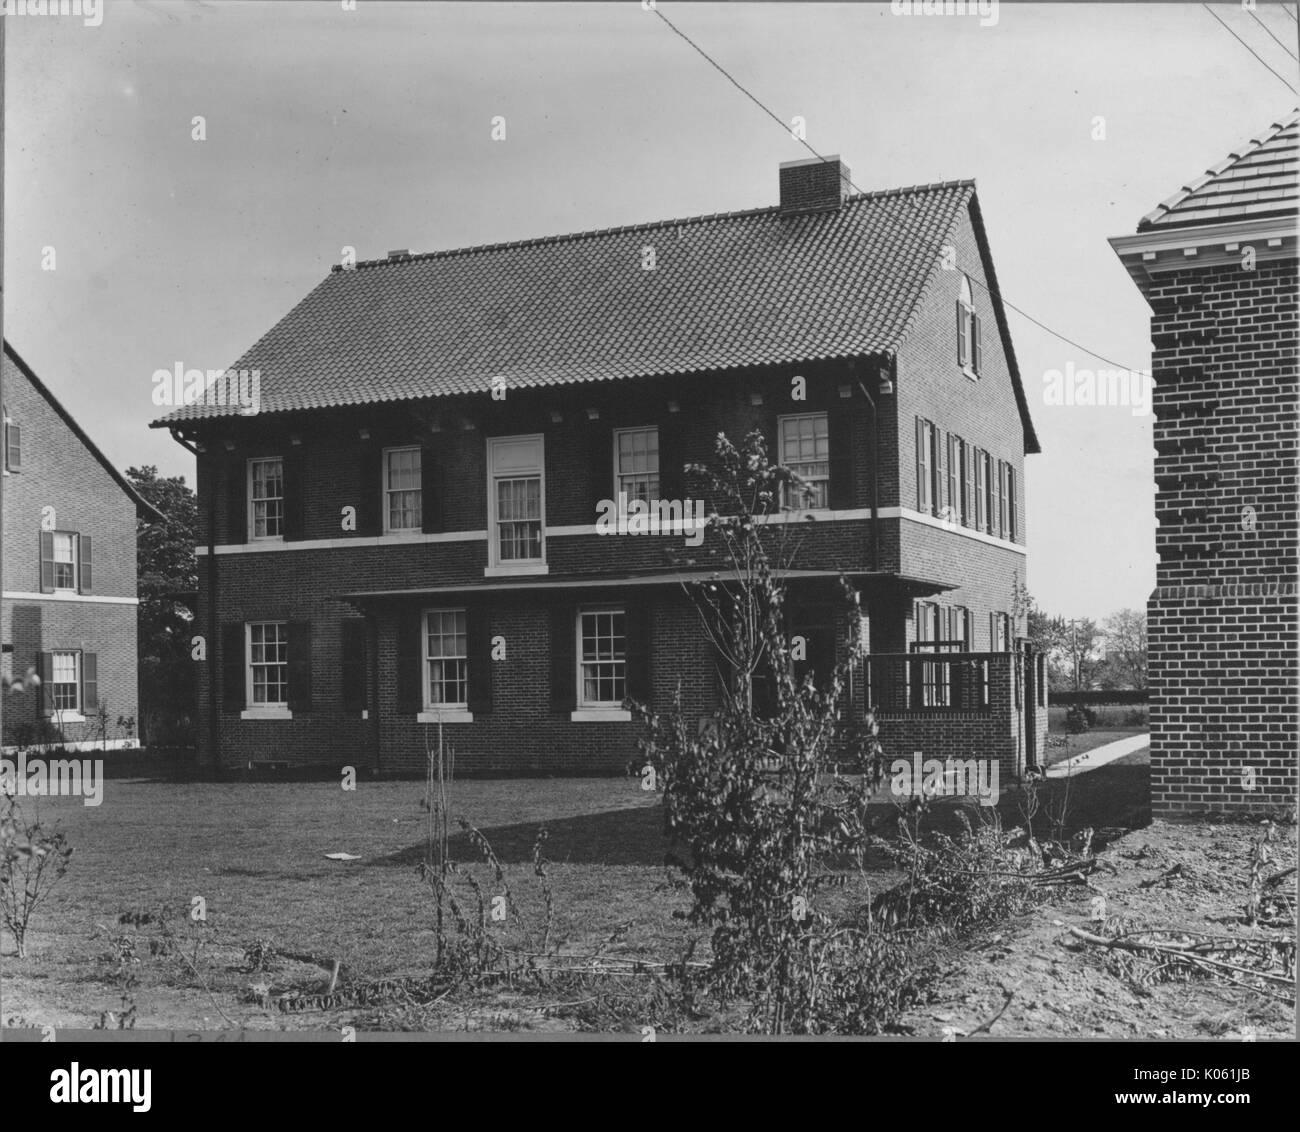 Landschaft Schuß Vom Hinterhof Eines Zwei Stöckige Haus Mit Weißen  Fensterscheiben Und Lade Fensterläden,